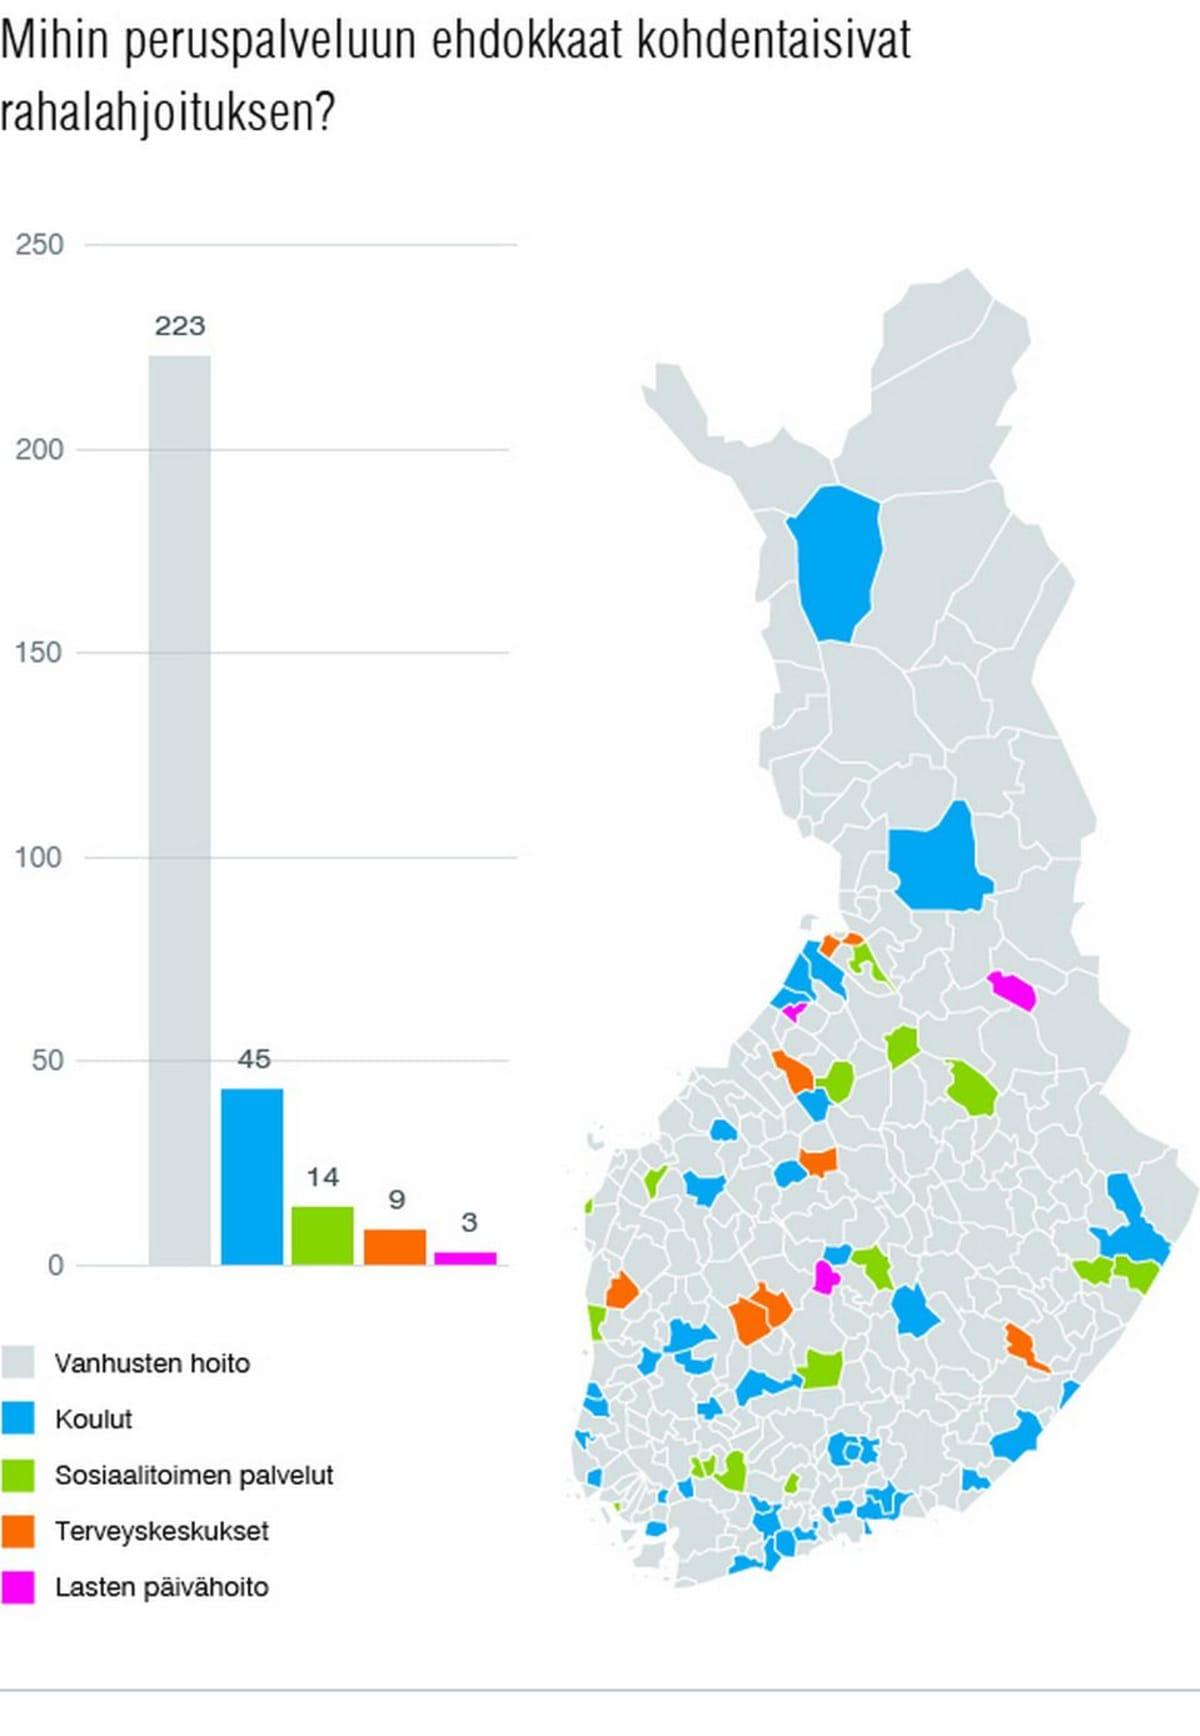 Kartta ja pylväät. Mihin ehdokkaat kohdentaisivat rahalahjoituksen?